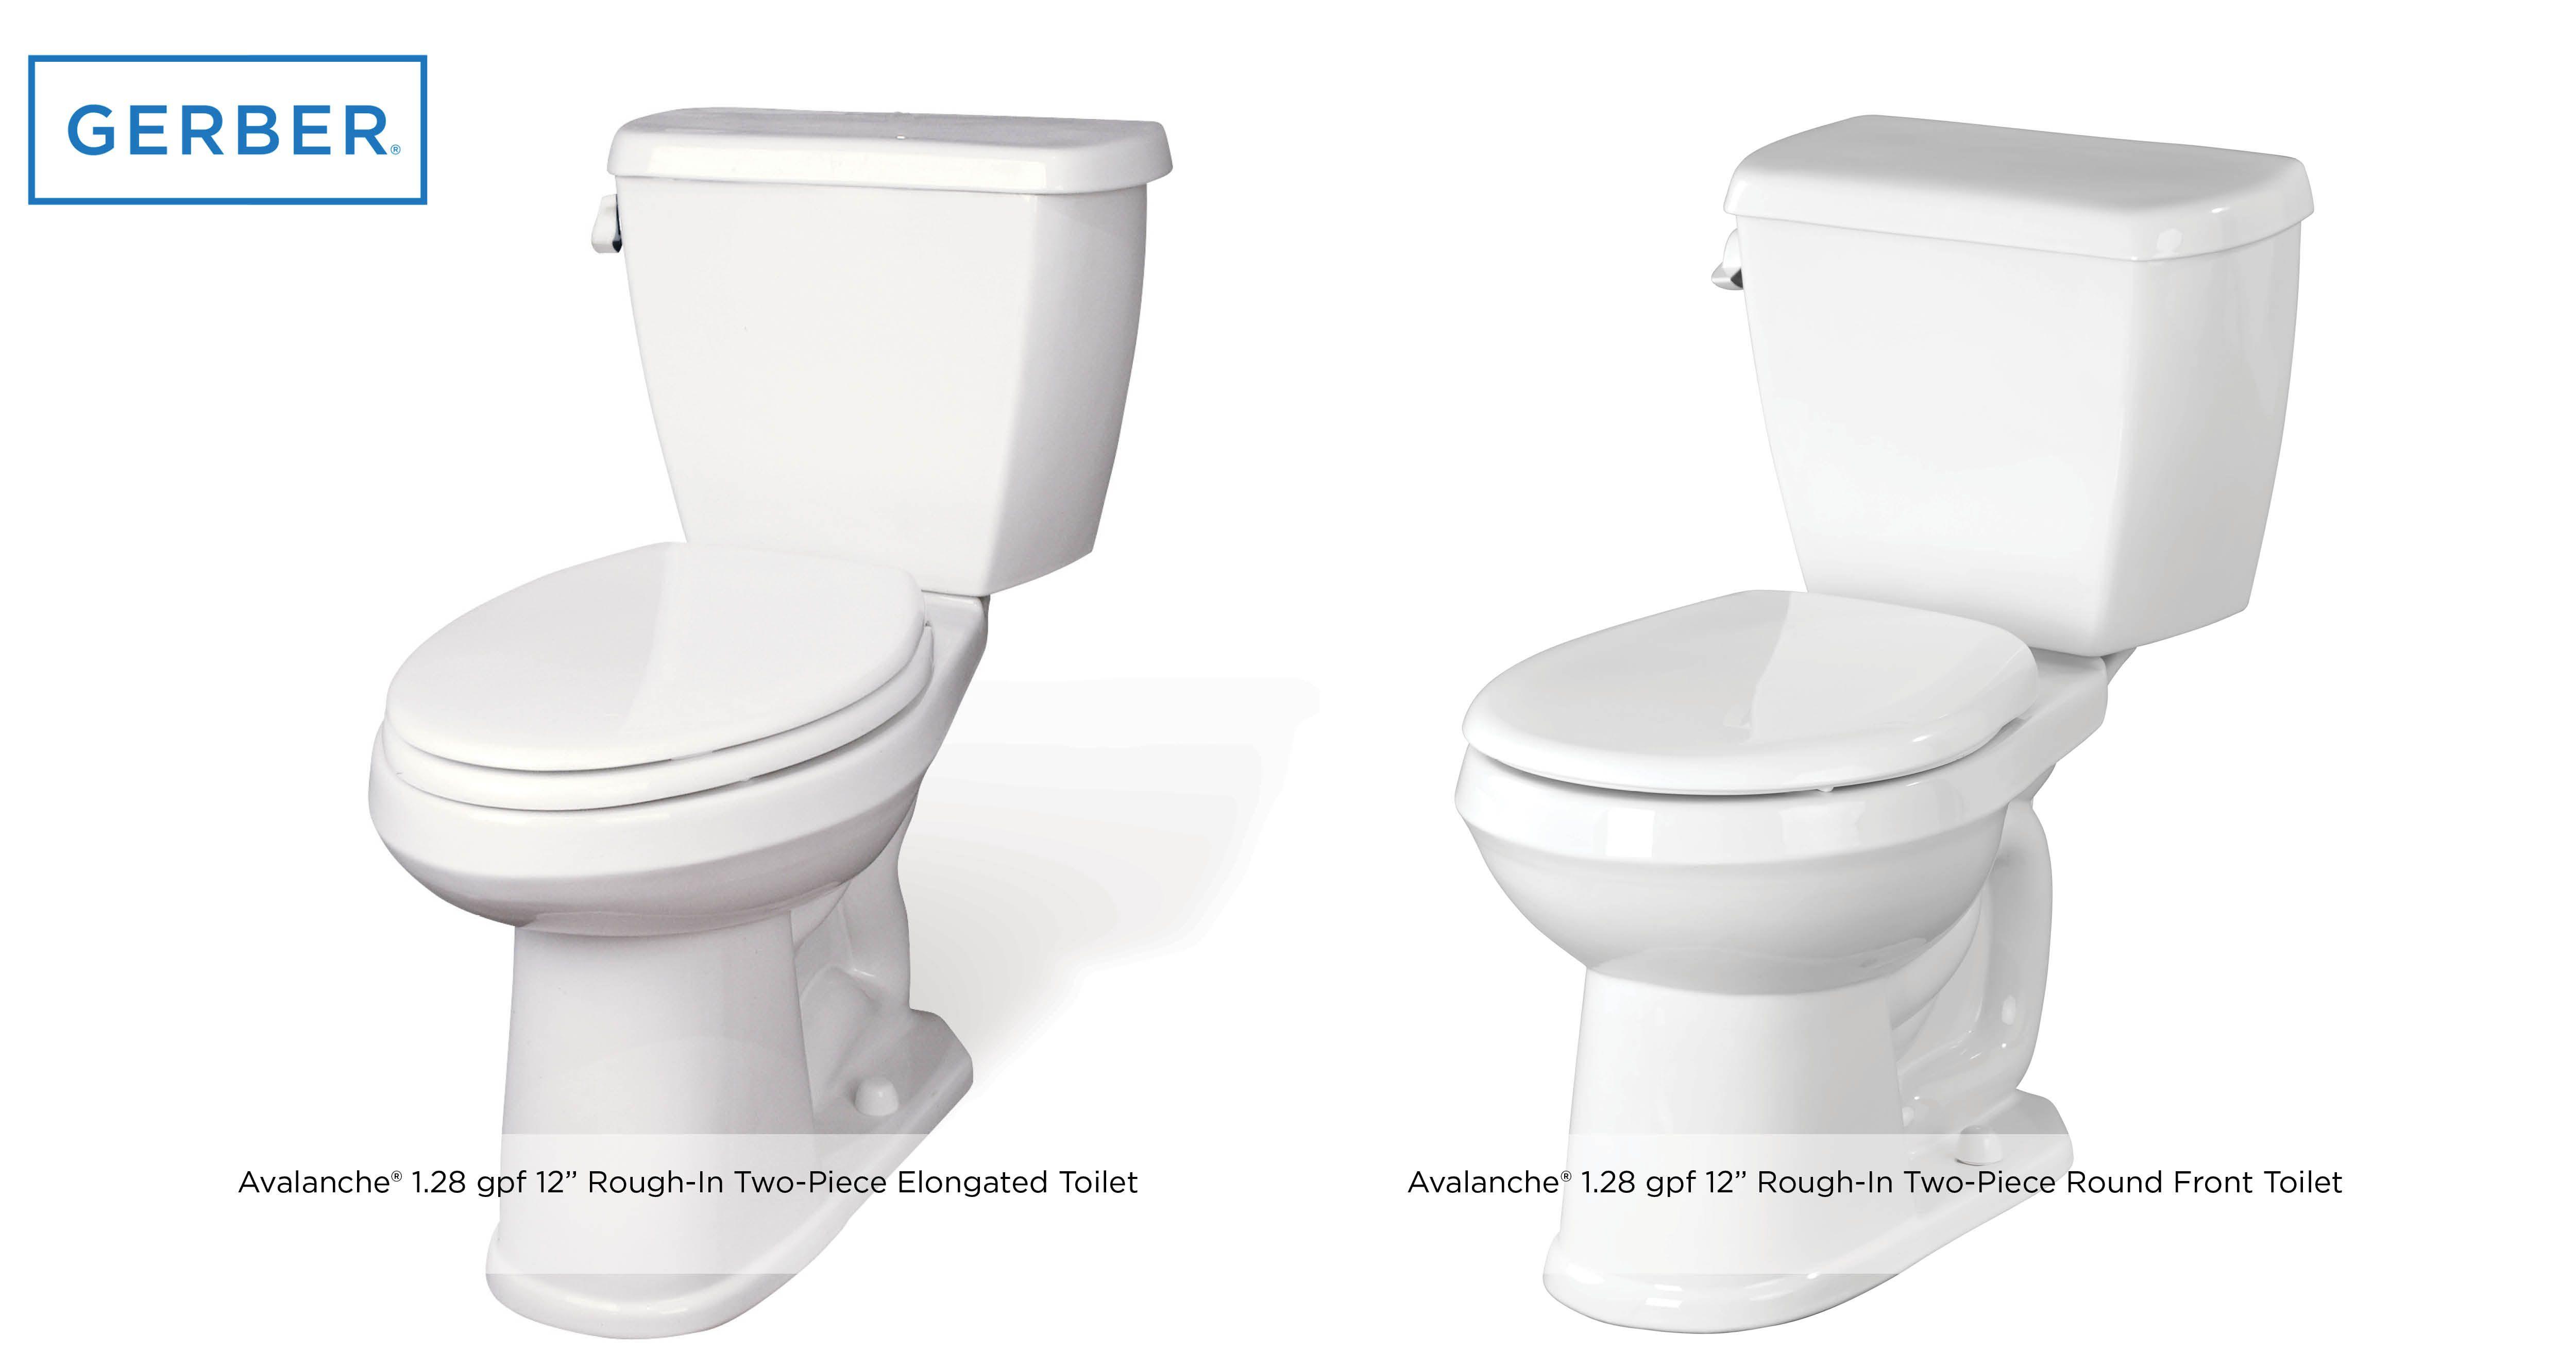 Pin By Gerber Plumbing Fixtures On Gerber Toilets Toilet Bathroom Fixtures Plumbing